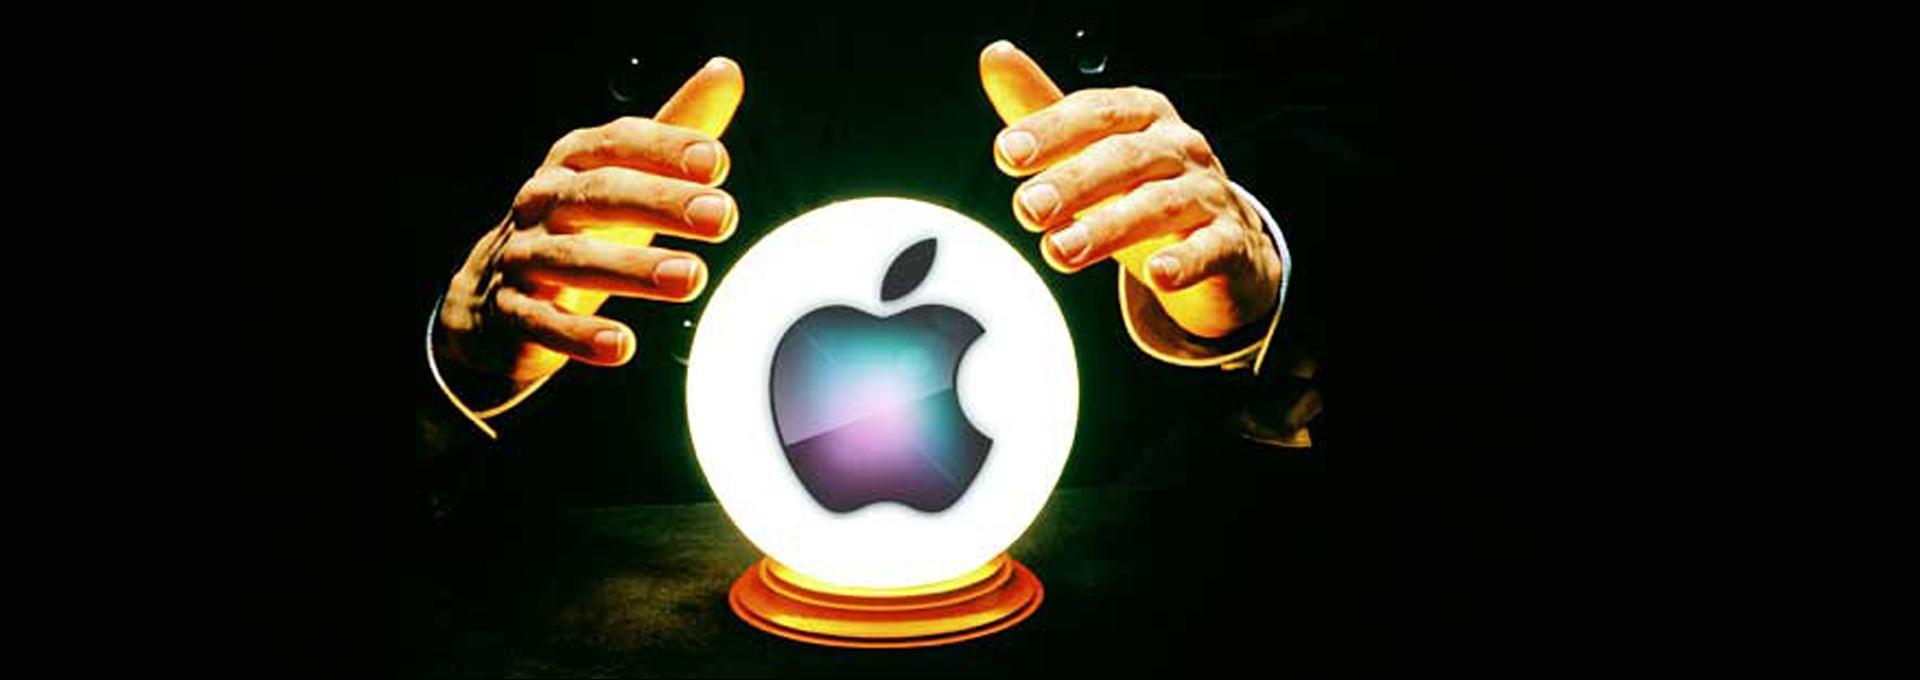 Apple: on achève bien les technologies !